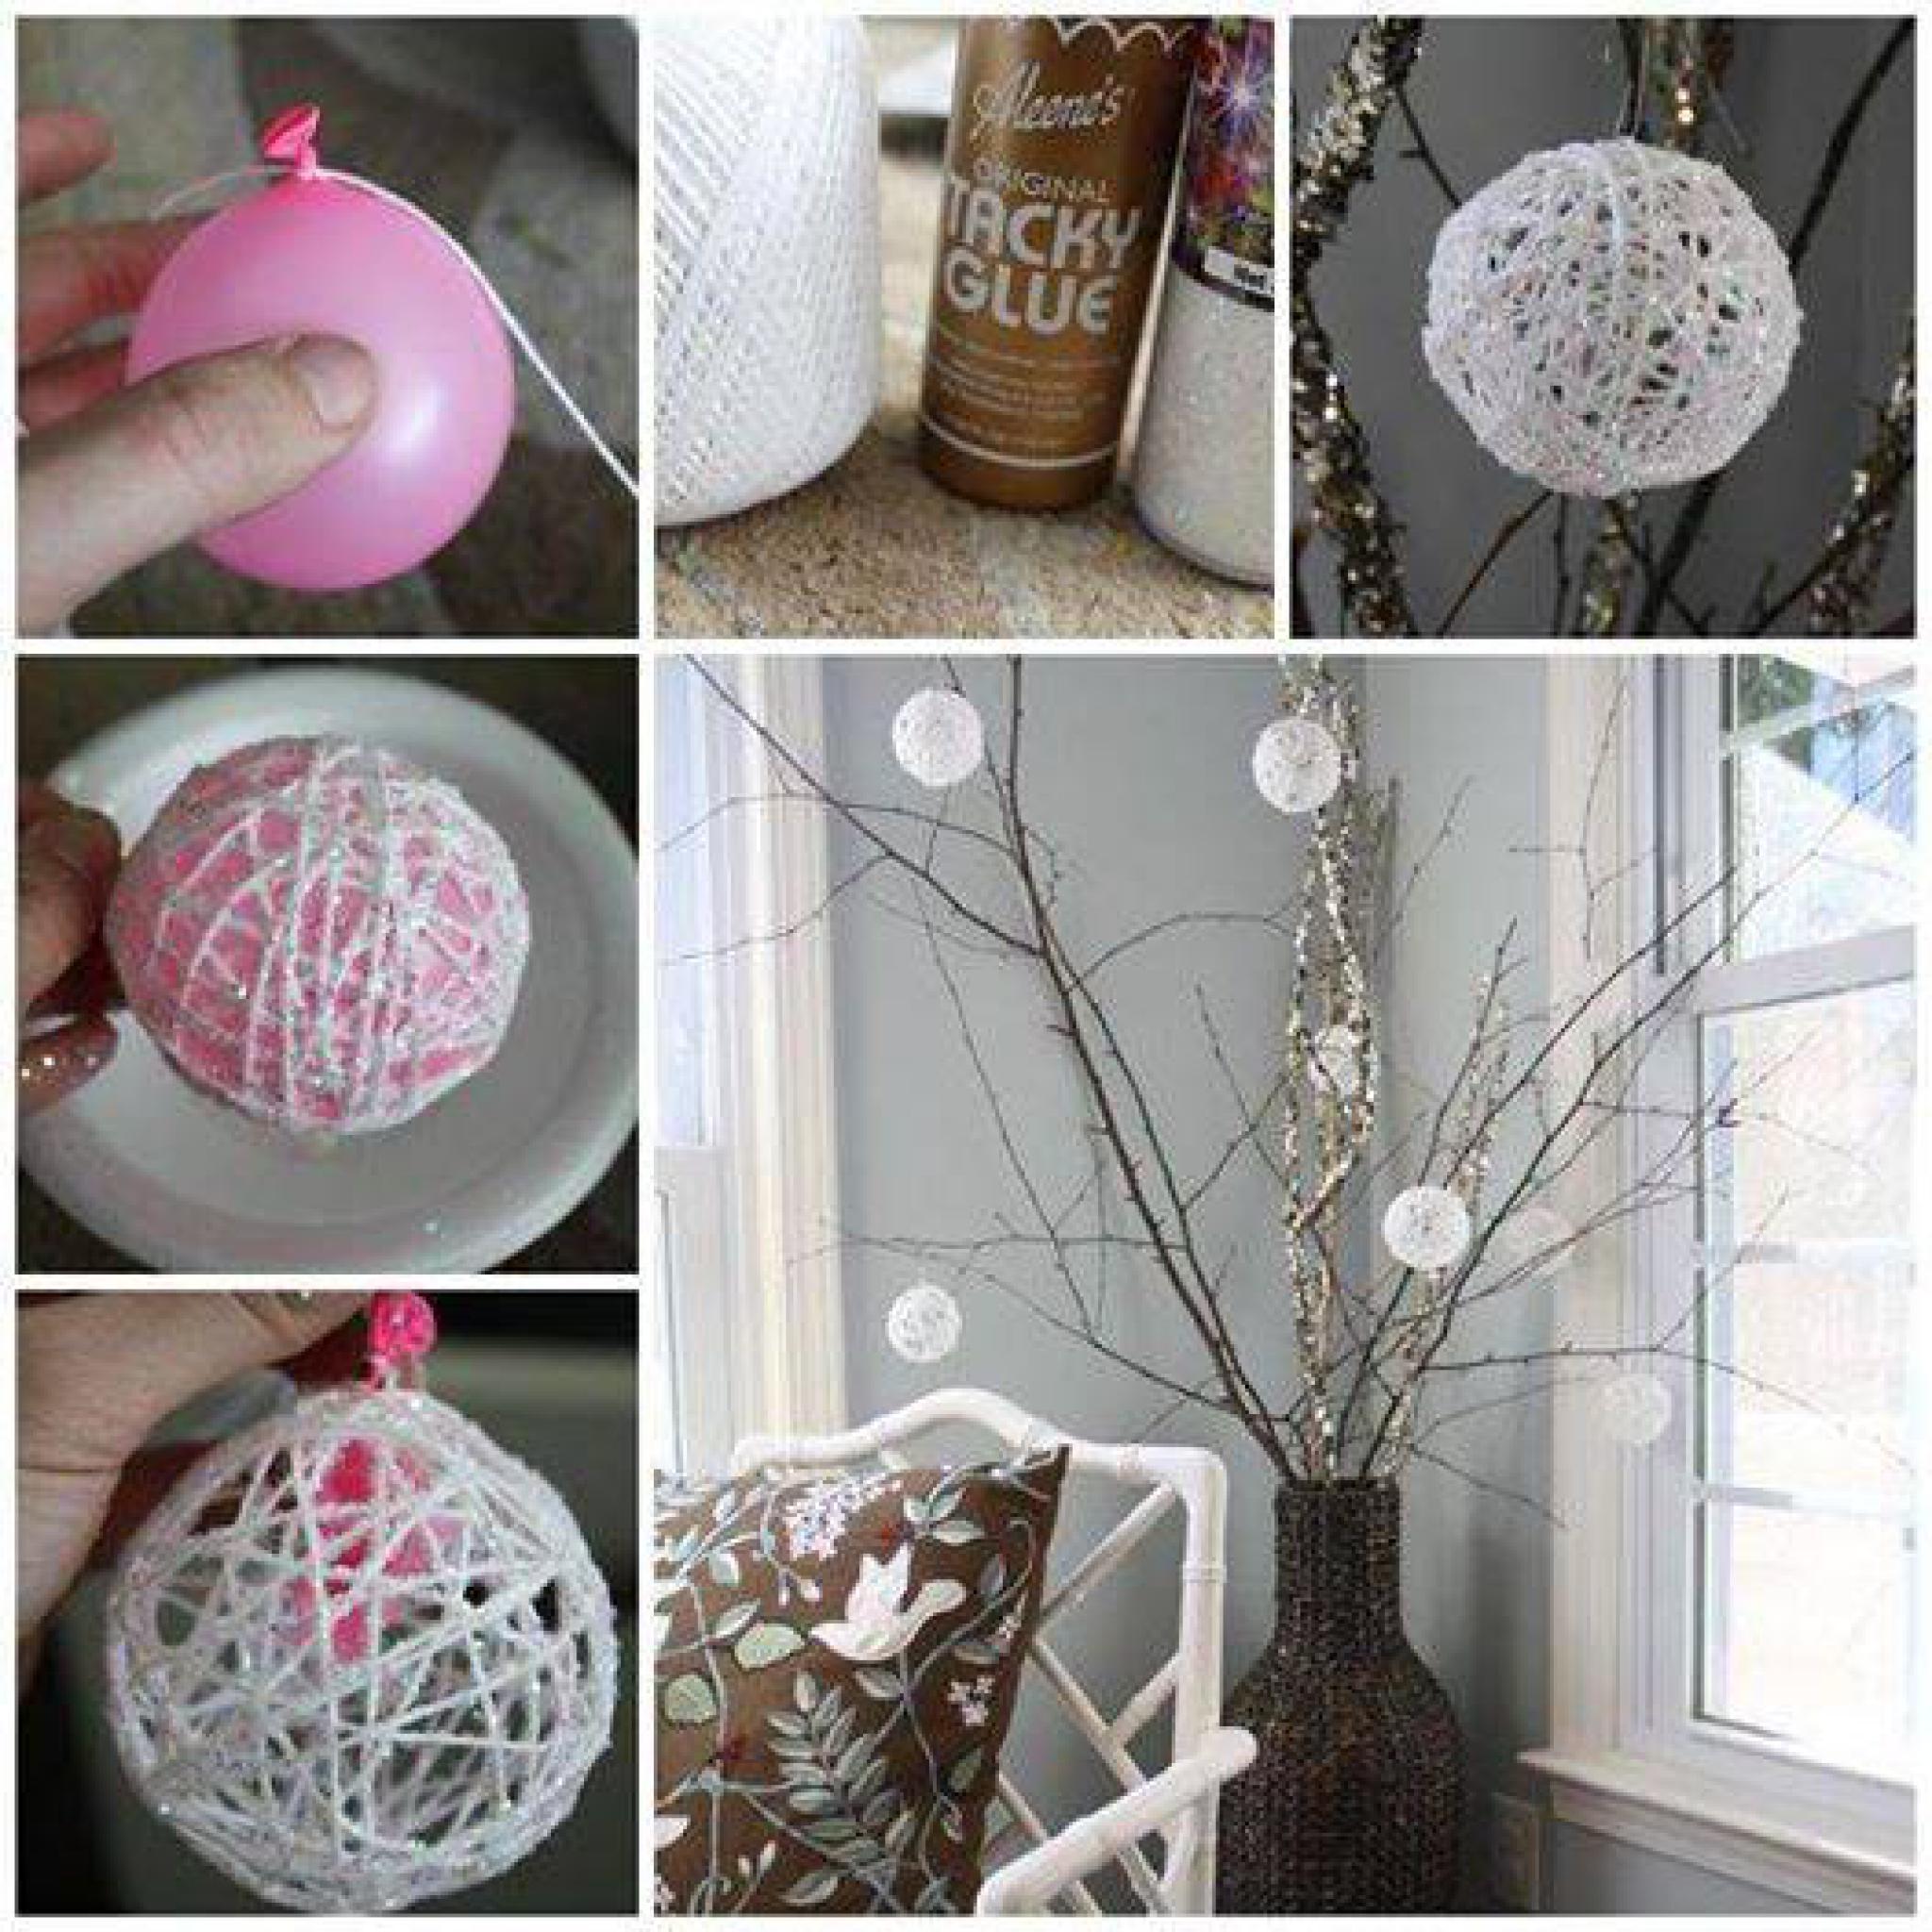 Декор комнаты своими руками - 12 лучших идей, красивый декор 11